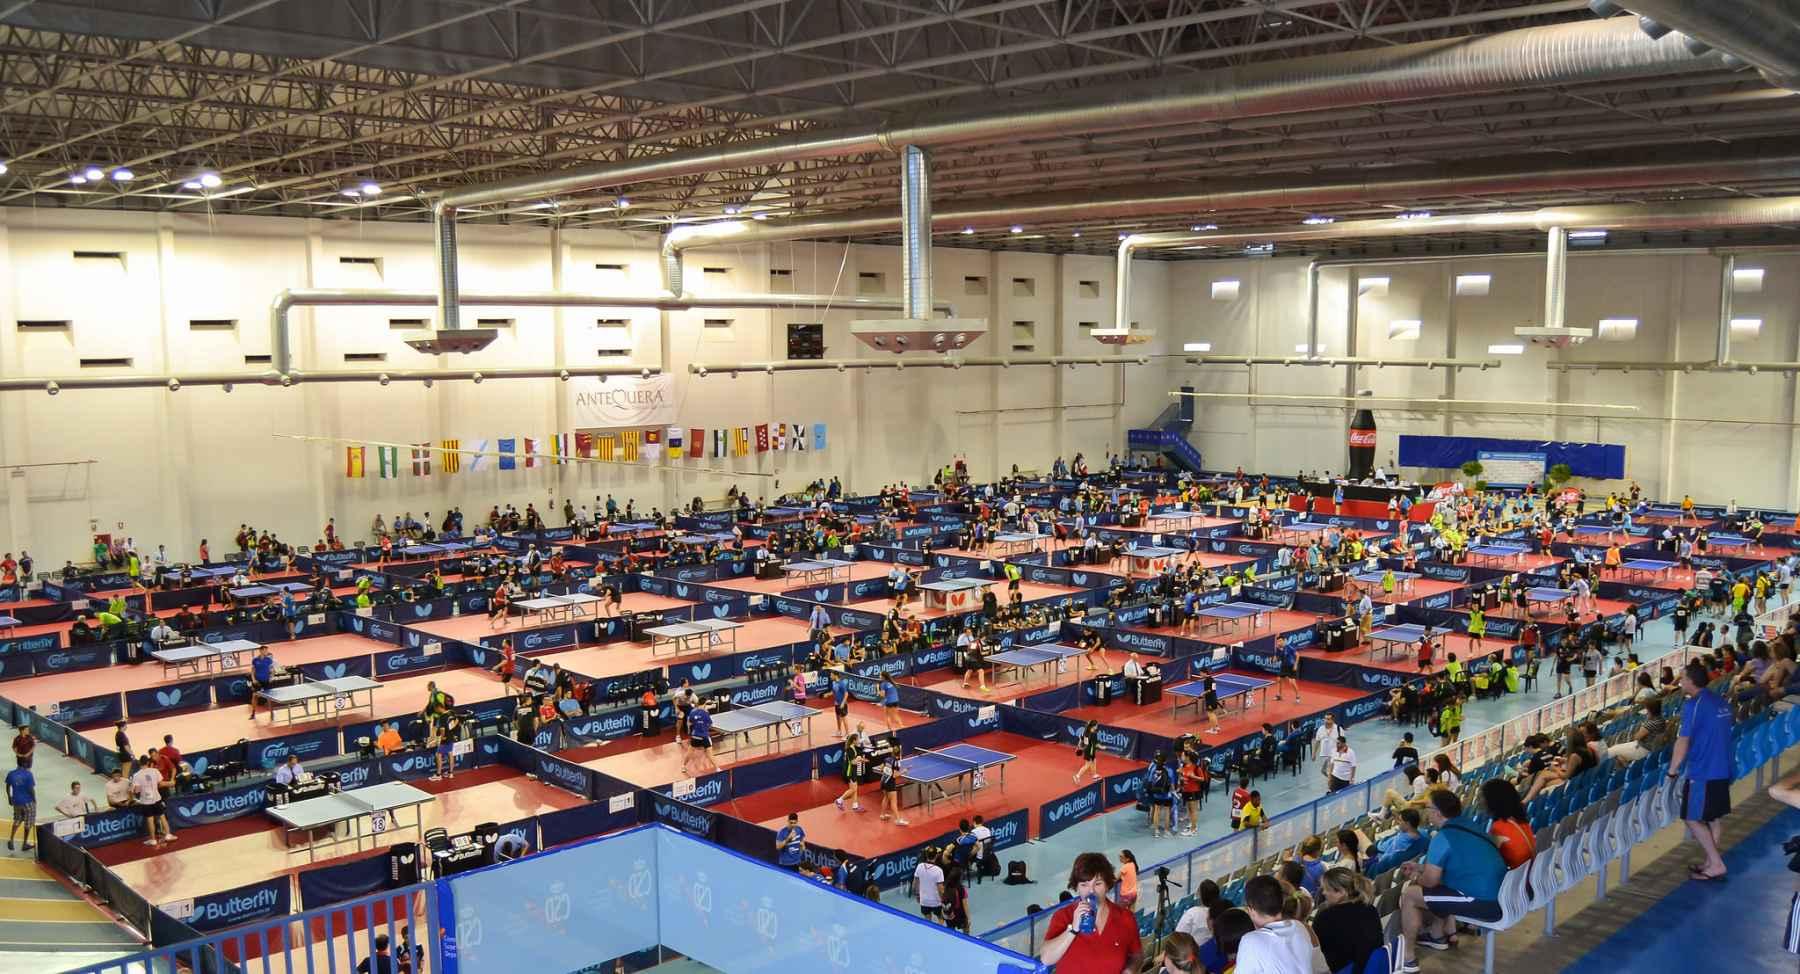 Centro de Atletismo 6º Centenario de Antequera